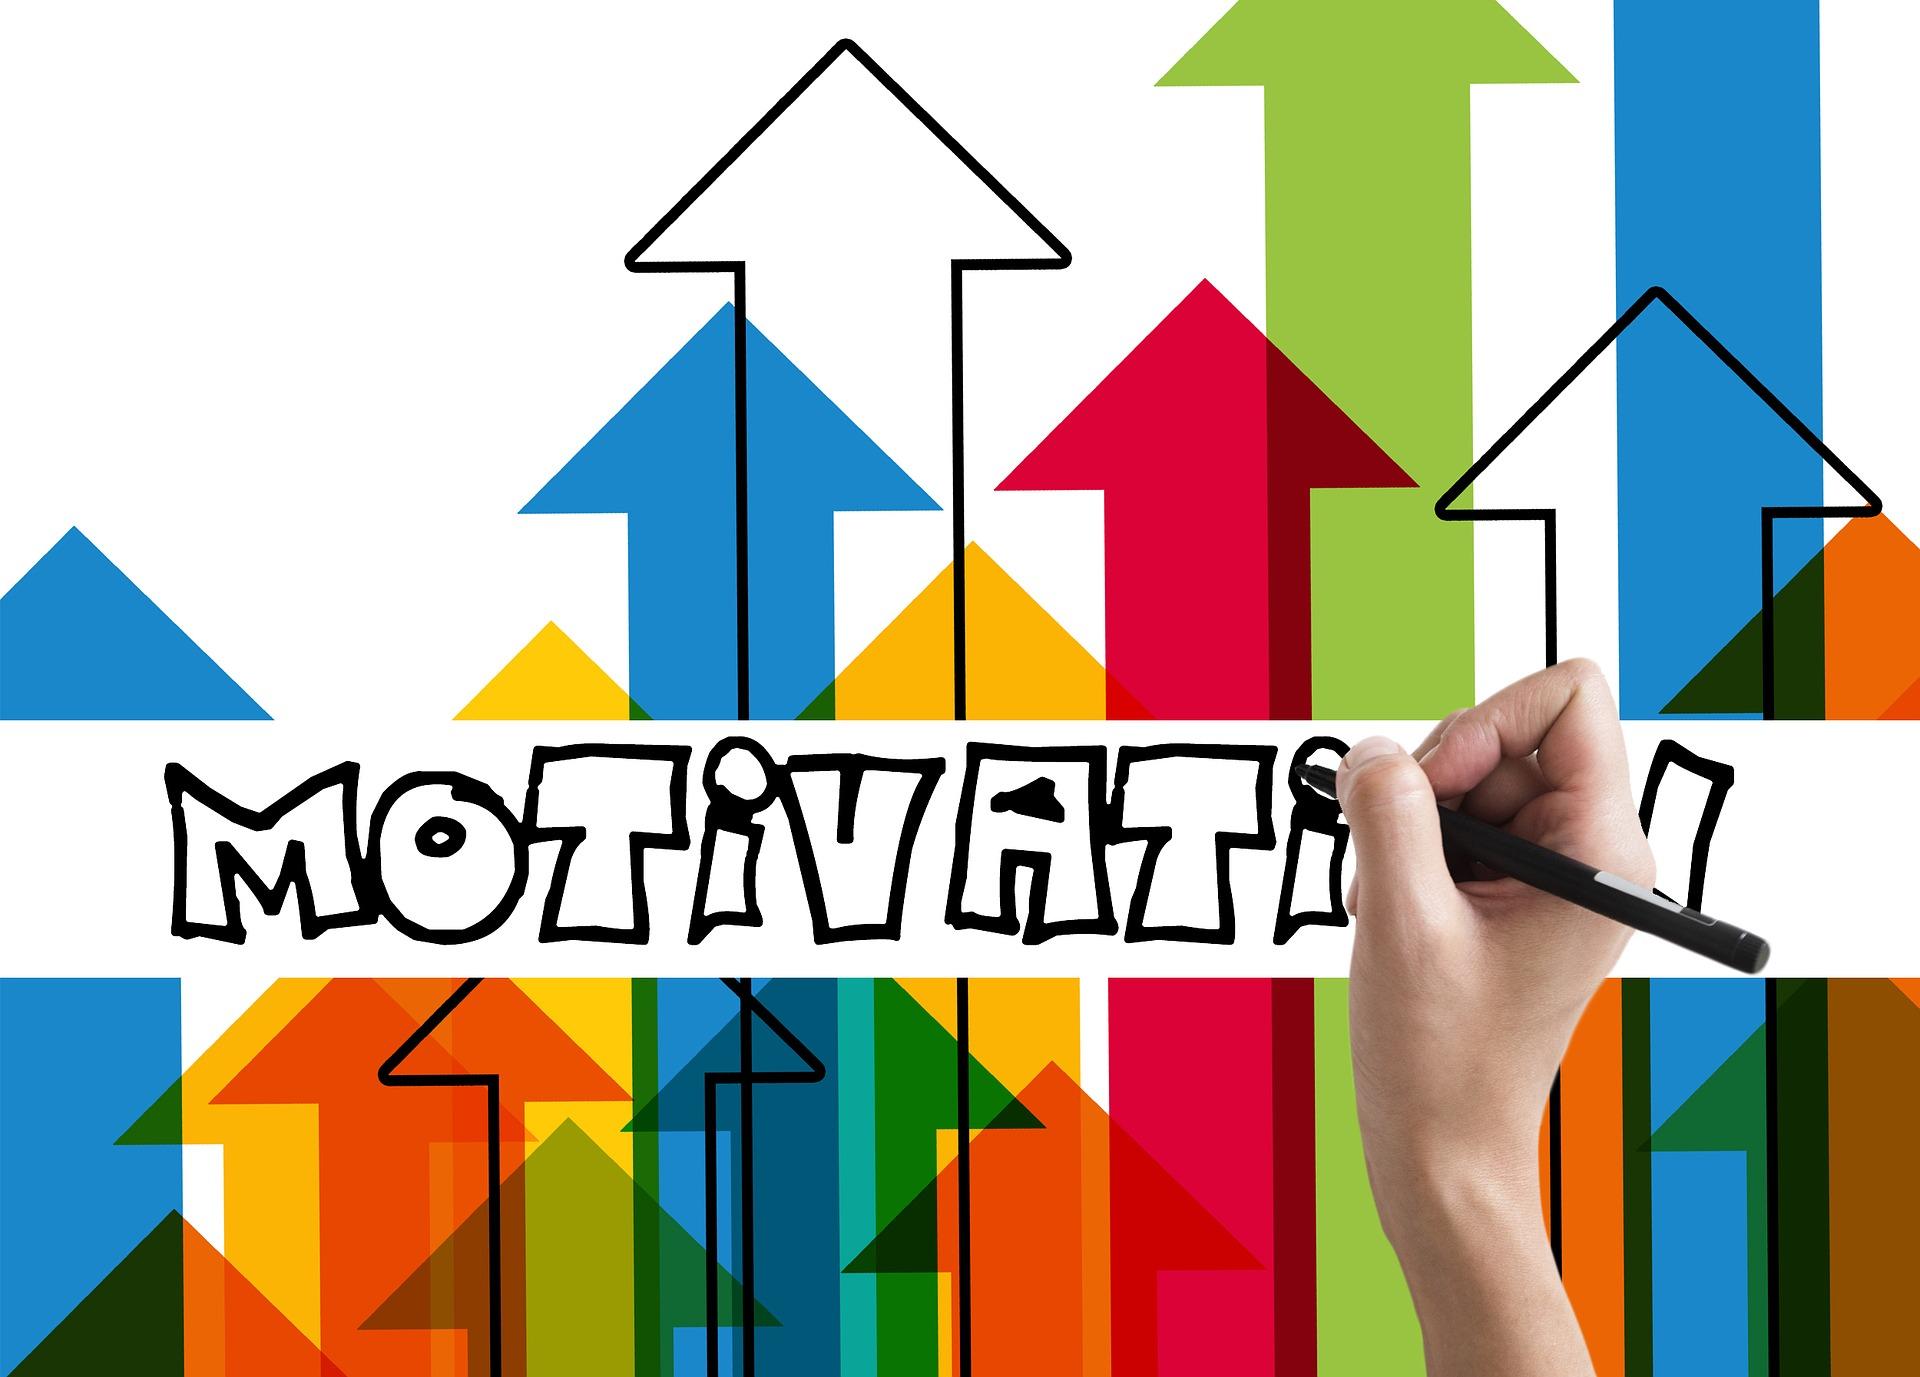 Quand je réalise que la motivation ne sert à rien (ou presque)